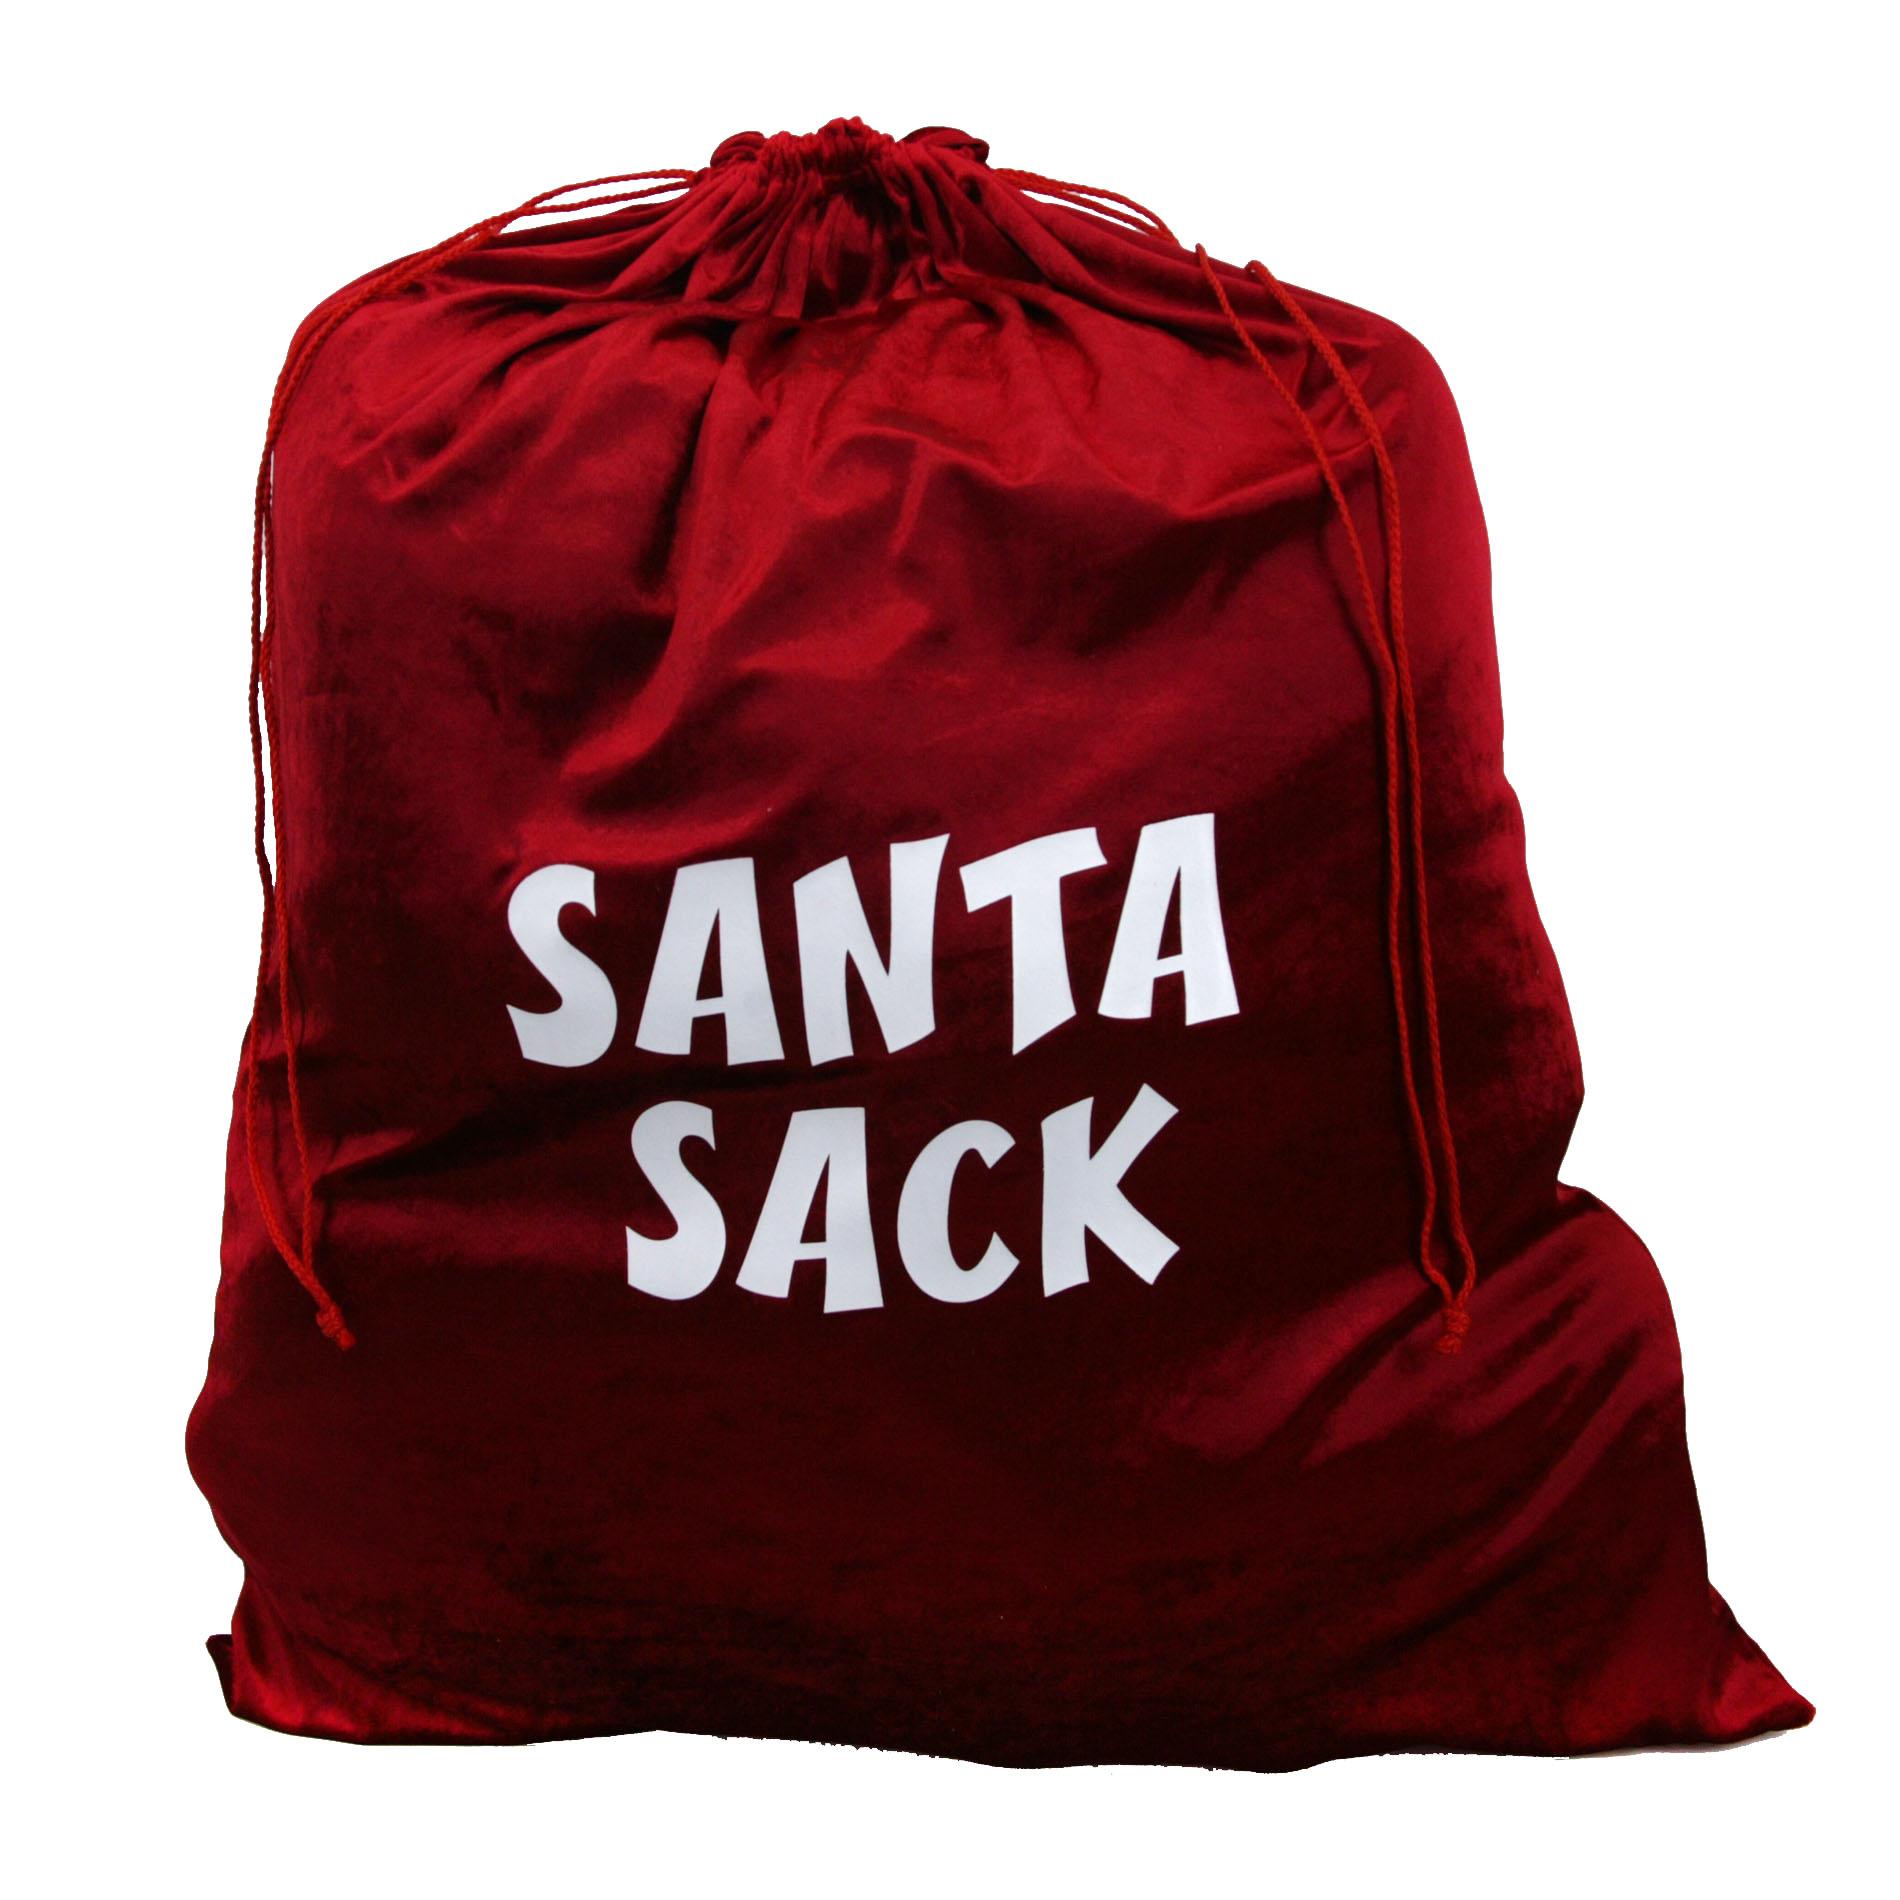 Trim A Home Christmas 36 Santa Sack  Shop Your Way